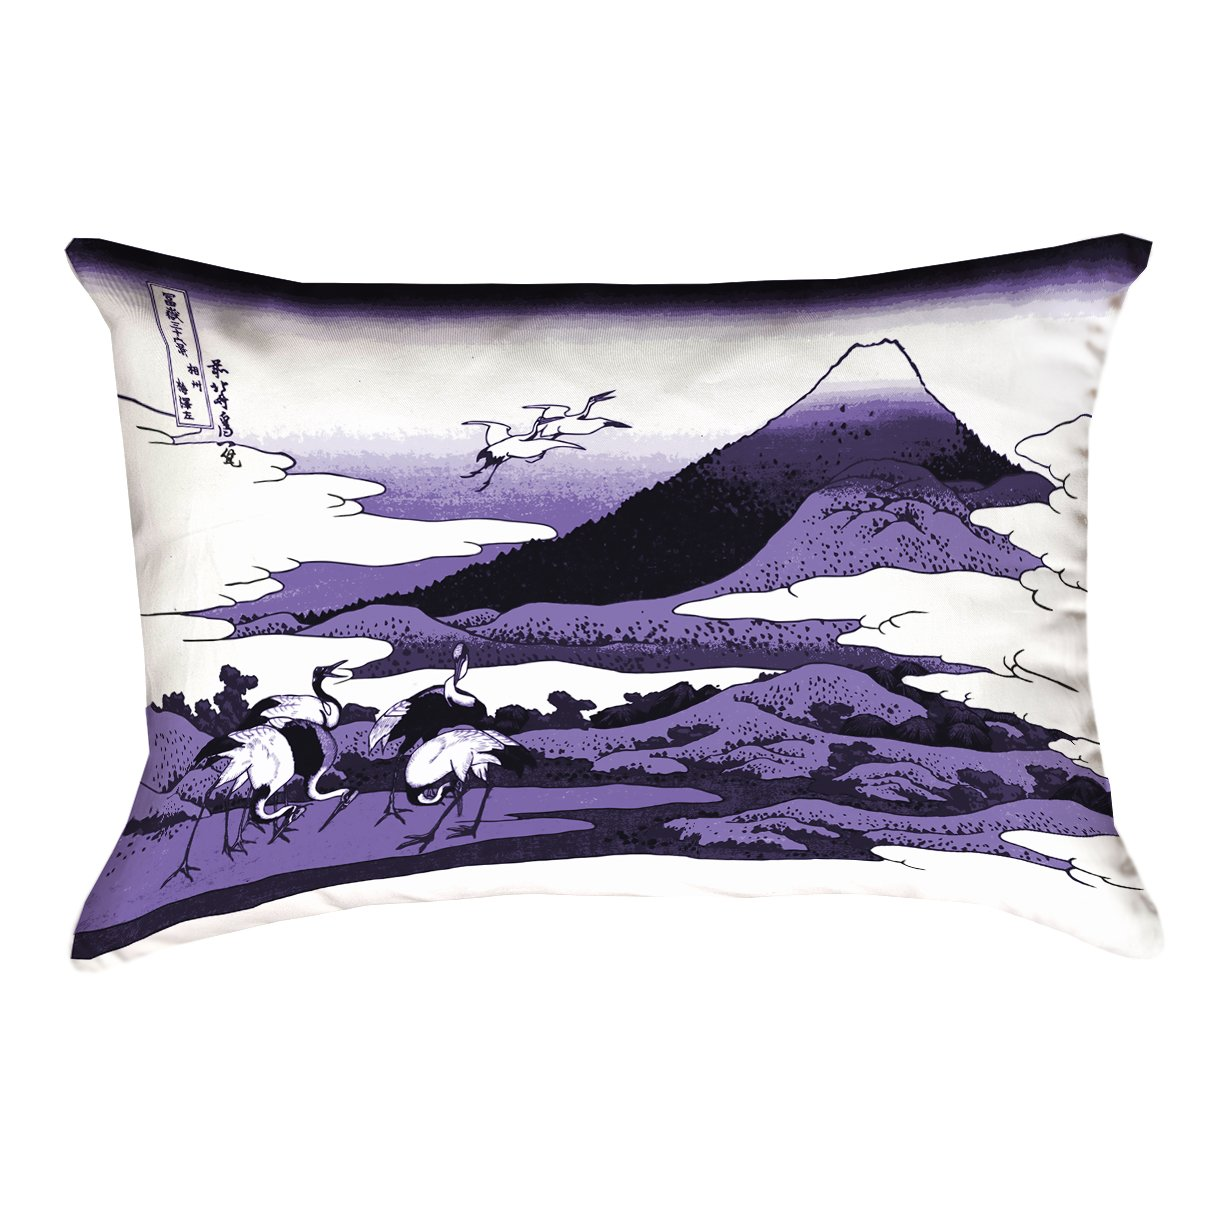 ArtVerse Katsushika Hokusai 14 x 20 Spun Polyester Japanese Cranes in Purple Pillow